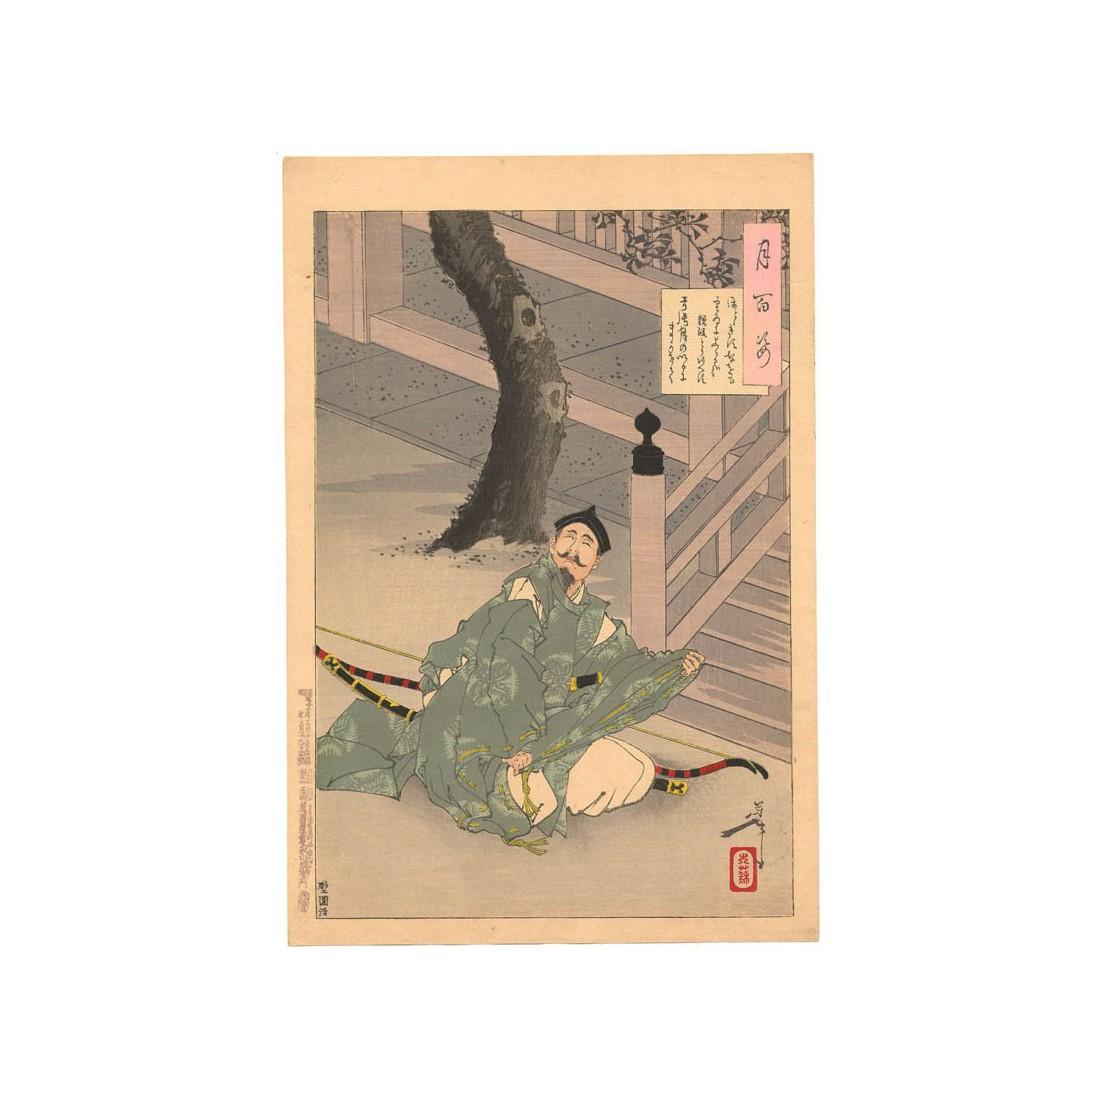 Minamoto no Yorimasa